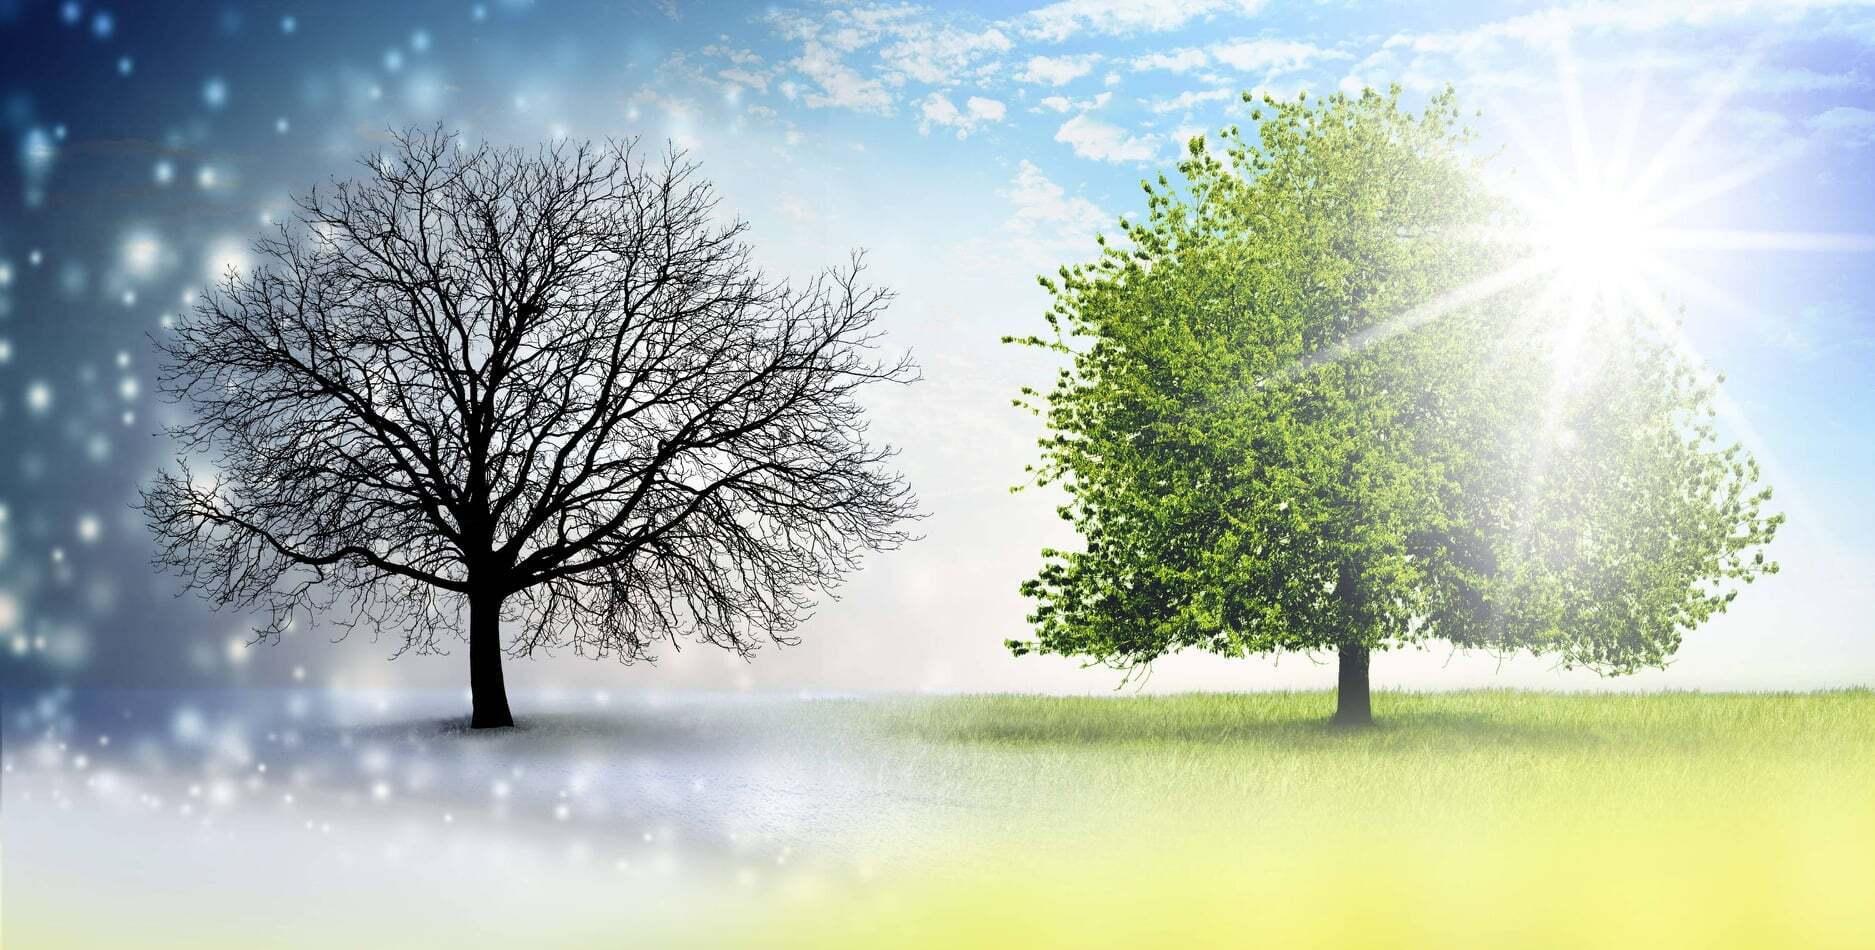 Весеннее равноденствие считается началом нового года у многих народов